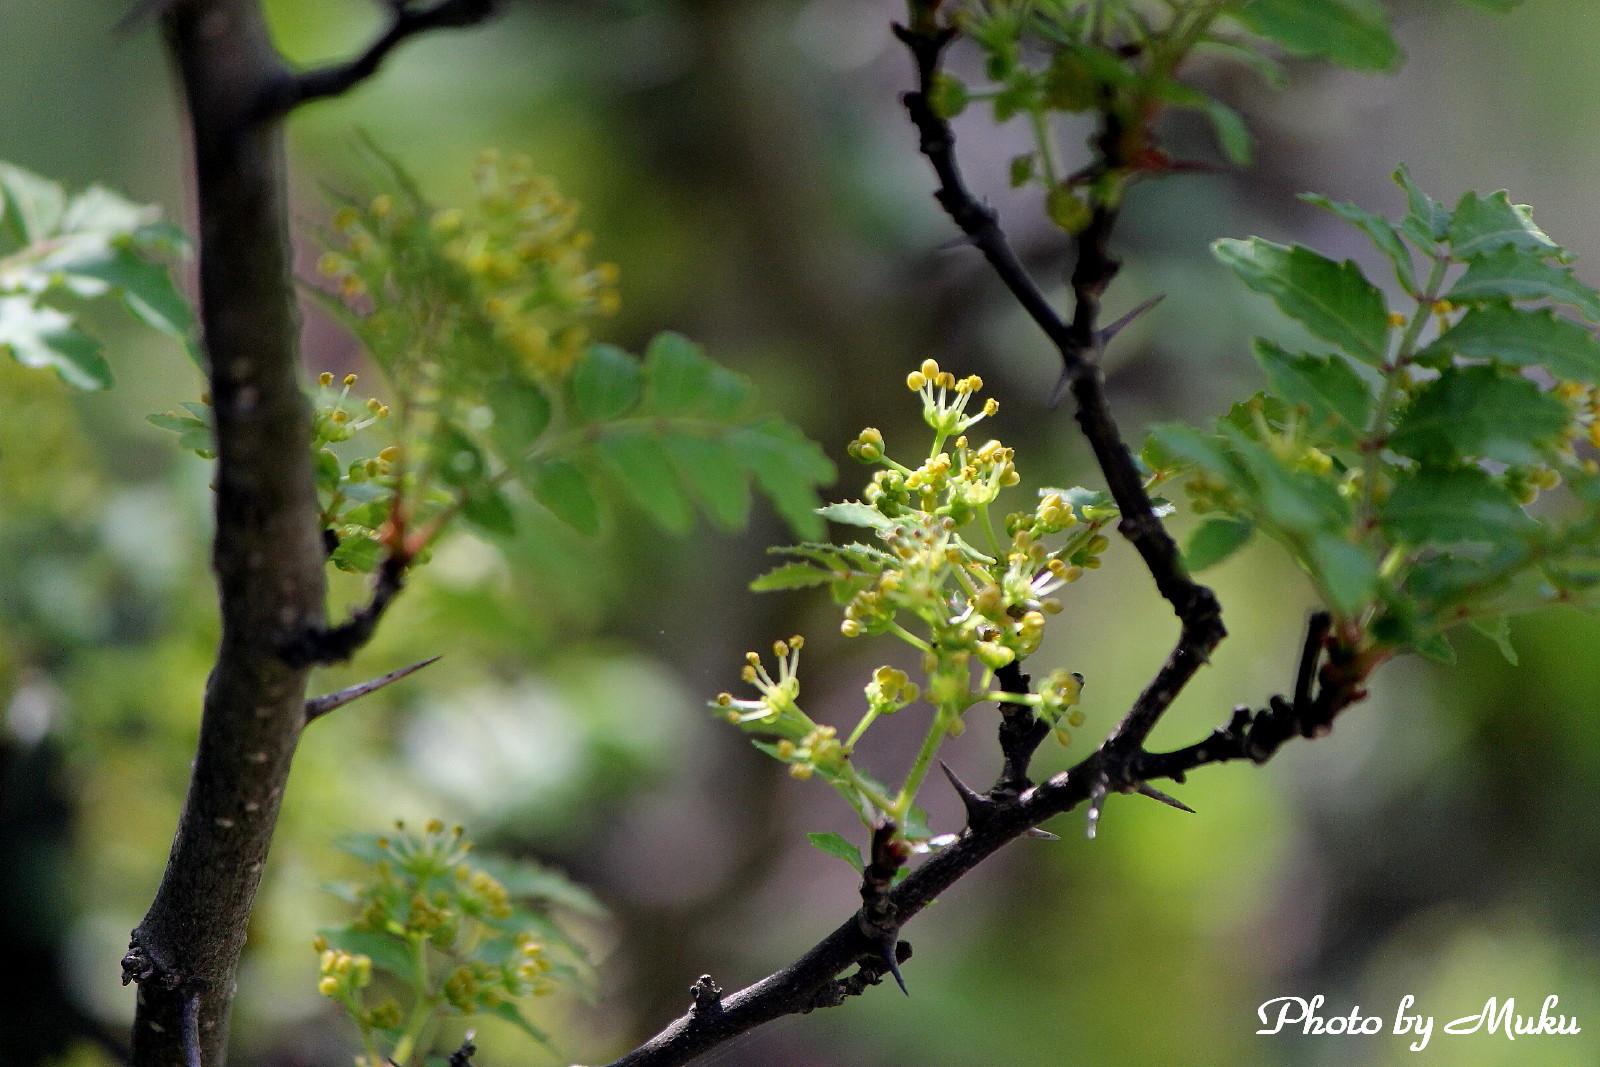 2014.4.15 山椒の花(散歩道:神奈川県横須賀市)